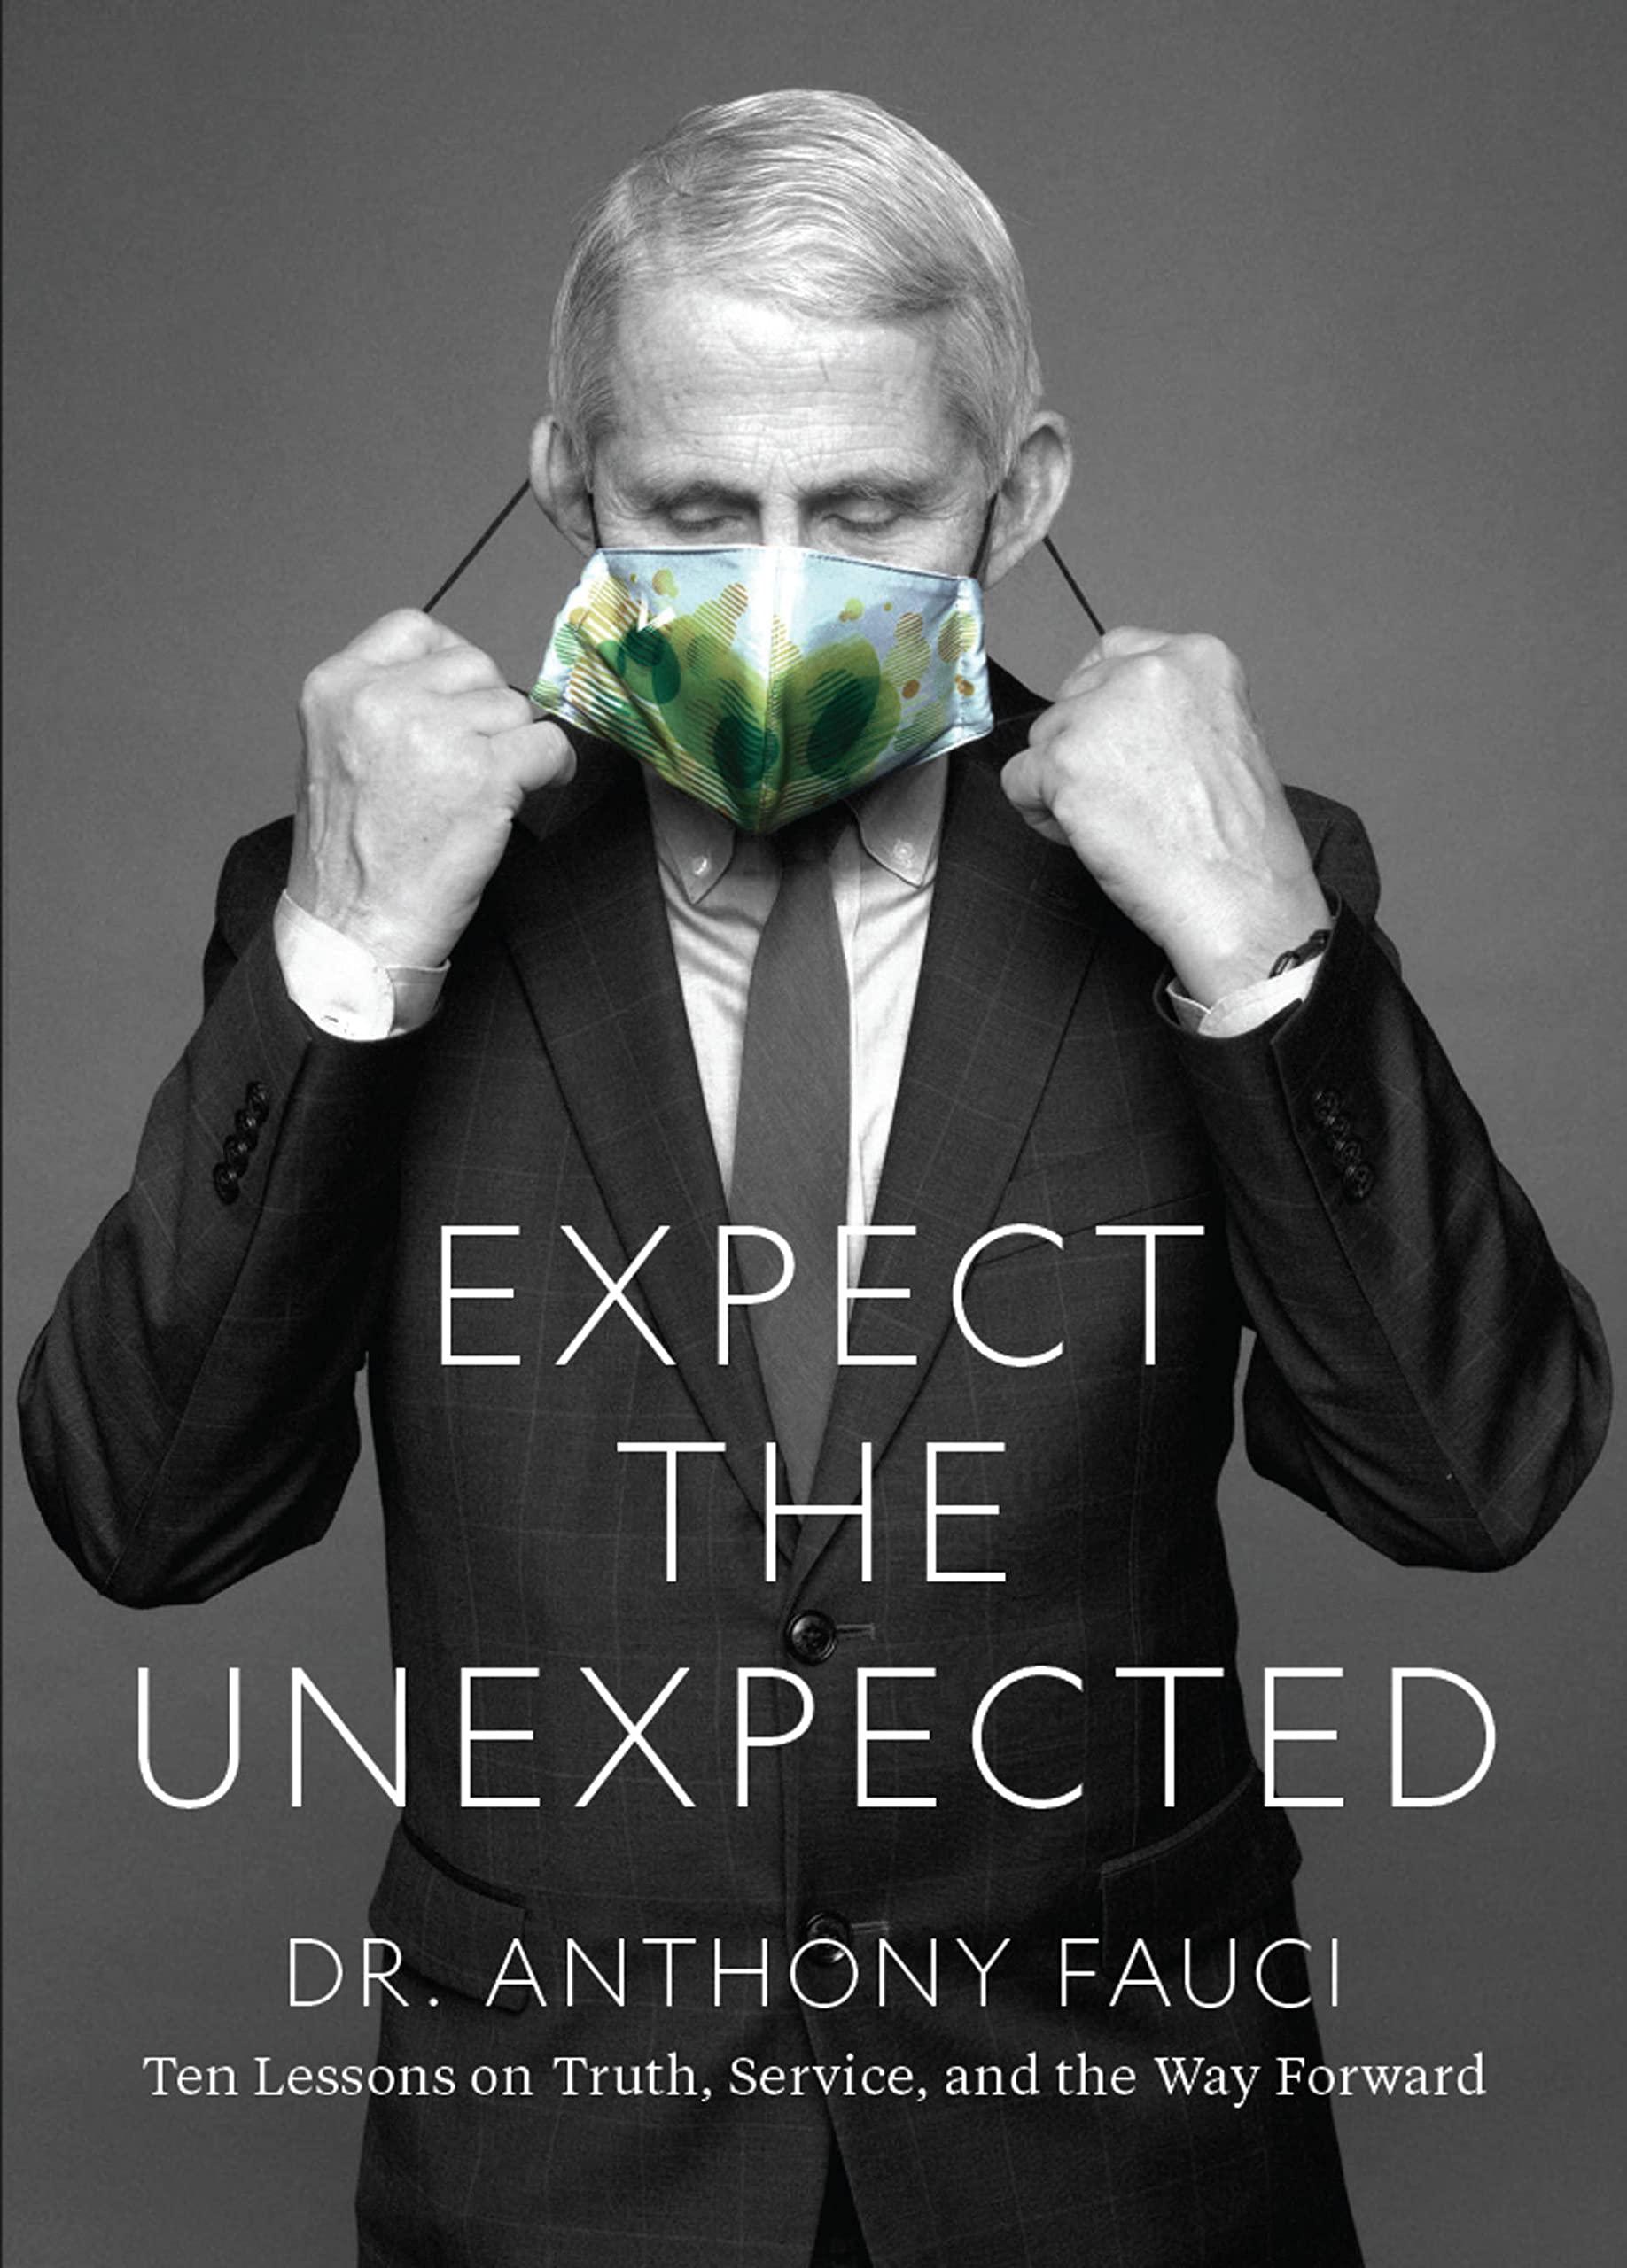 """Ritirato da Amazon e dagli altri siti di vendita """"Expect the Unexpected"""", il previsto libro di Anthony Fauci"""